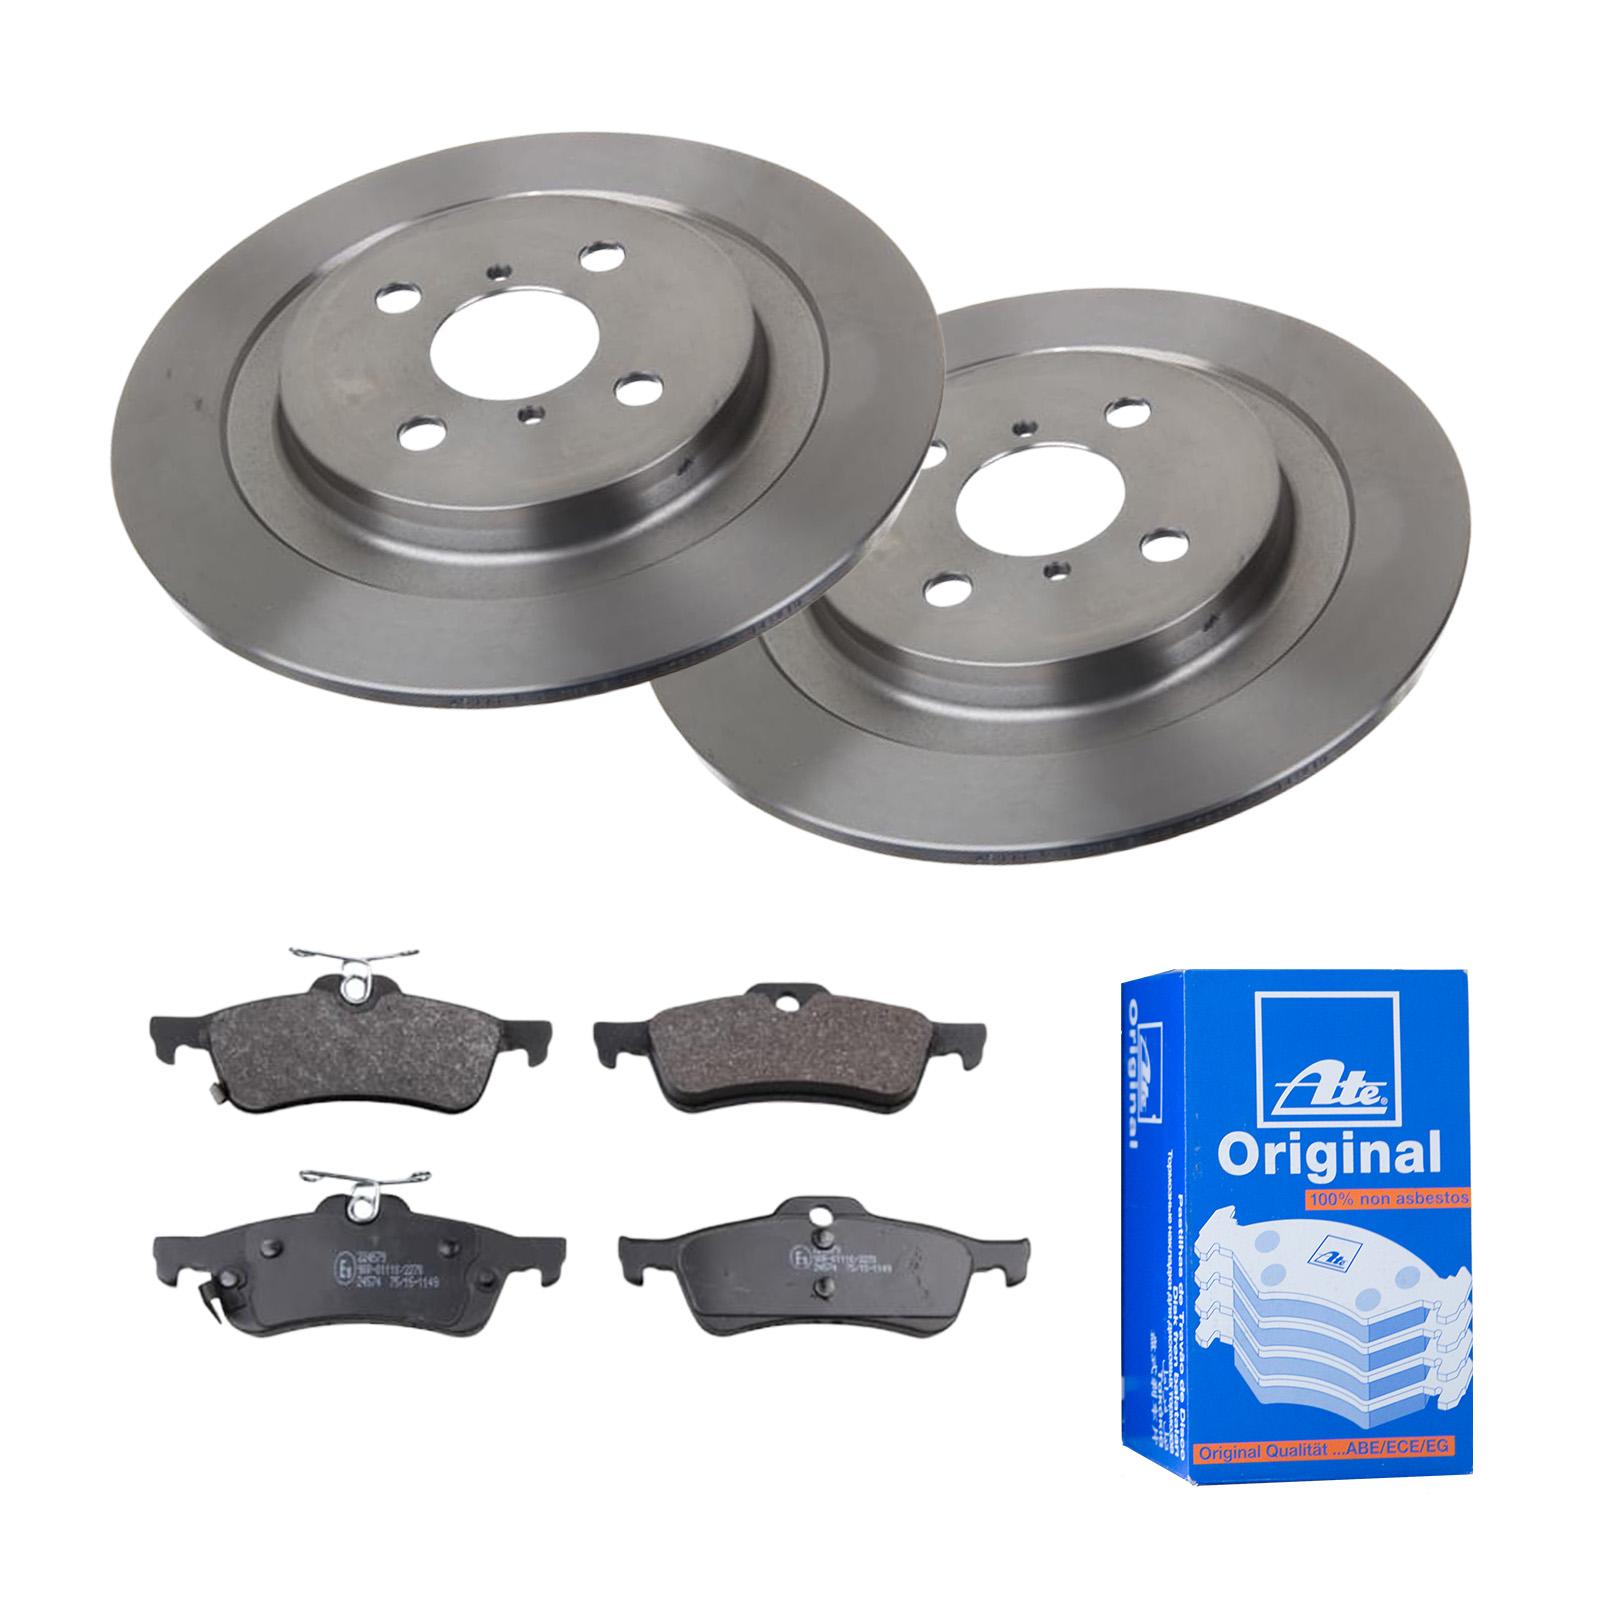 Bremsbeläge Vorne u.a für VW Bremsen-Set ATE2 Bremsscheiben Voll 278 mm